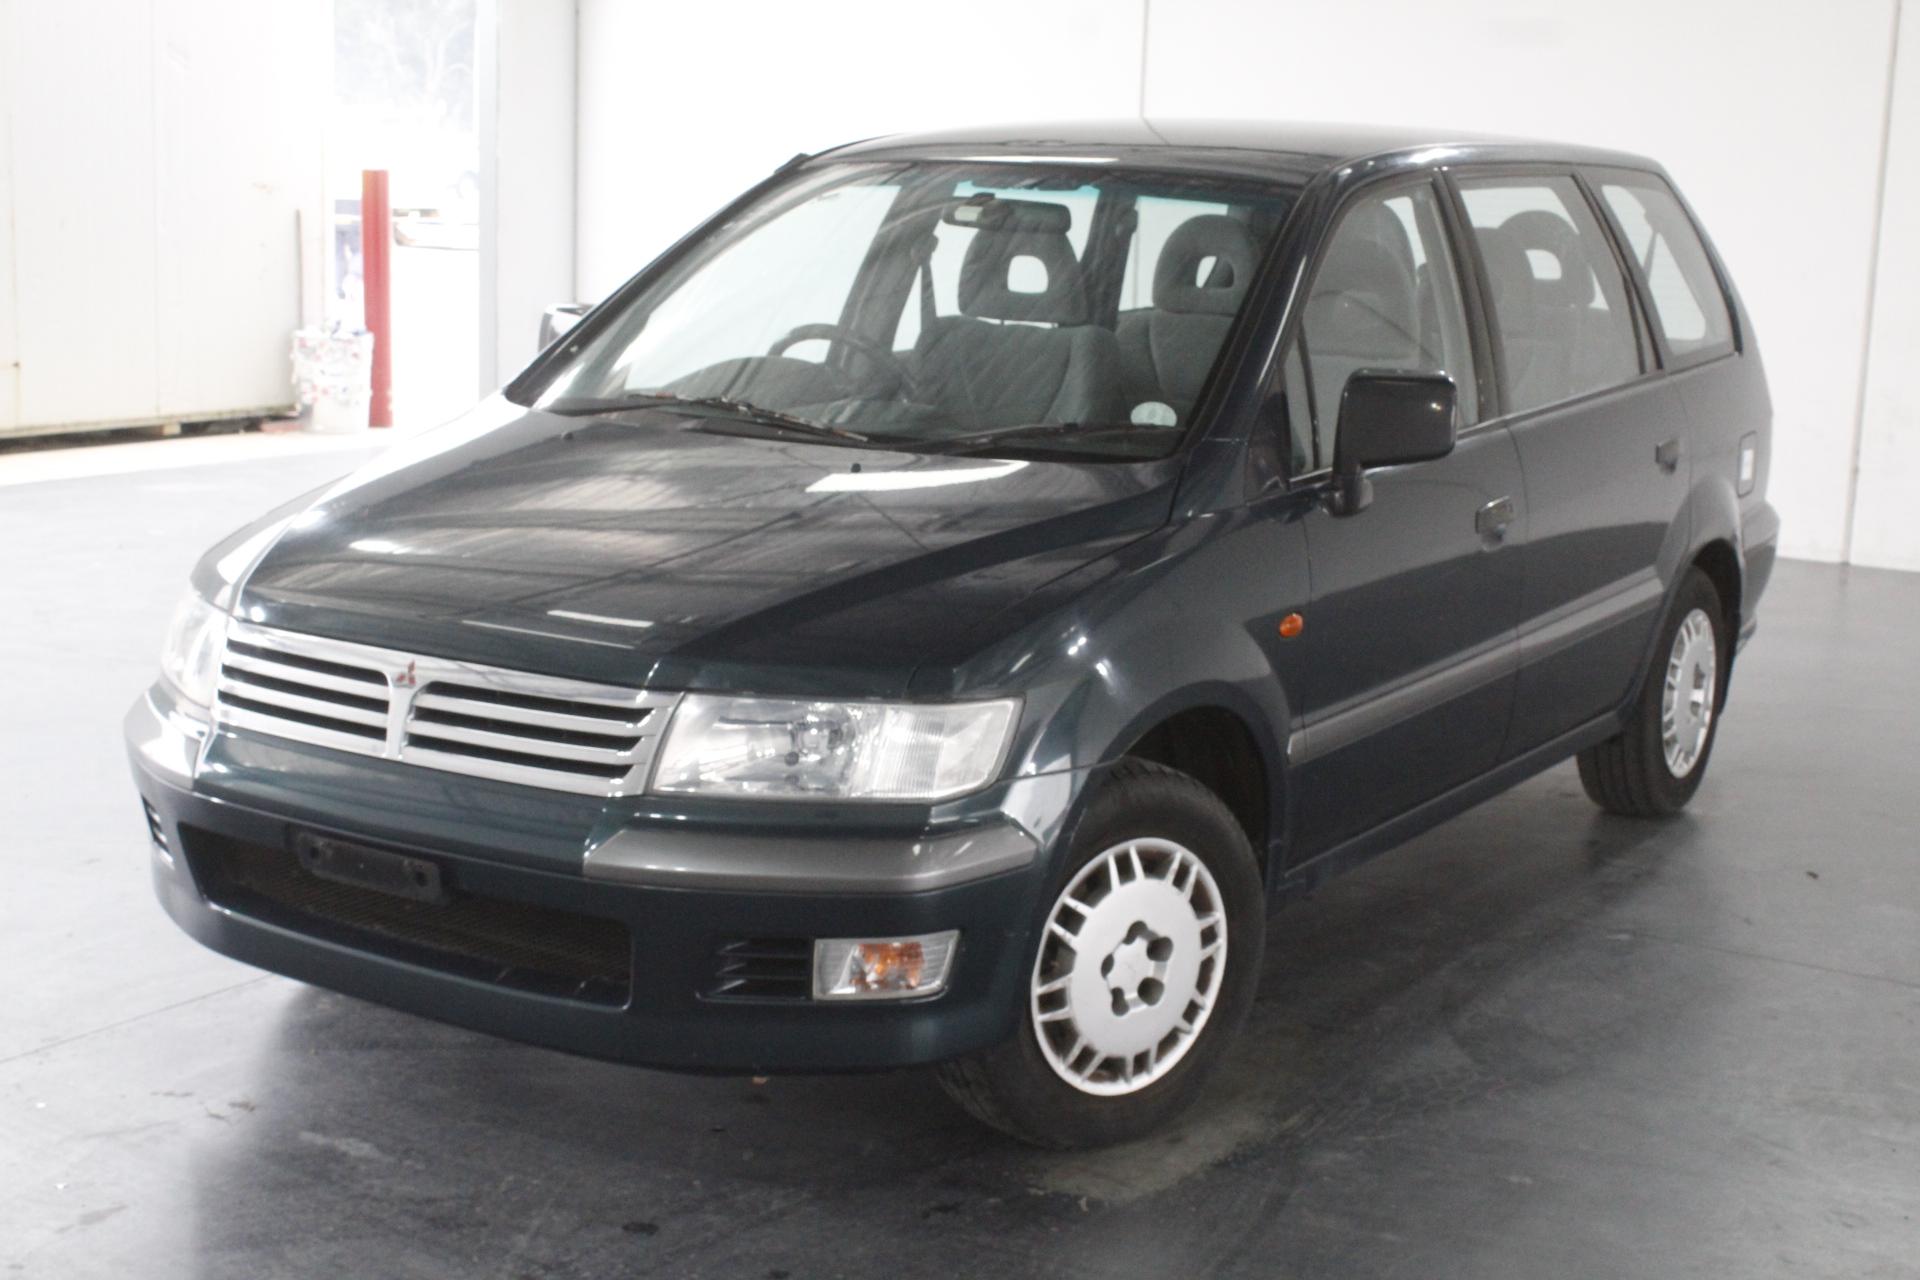 2000 Mitsubishi Nimbus UG Automatic 7 Seats People Mover